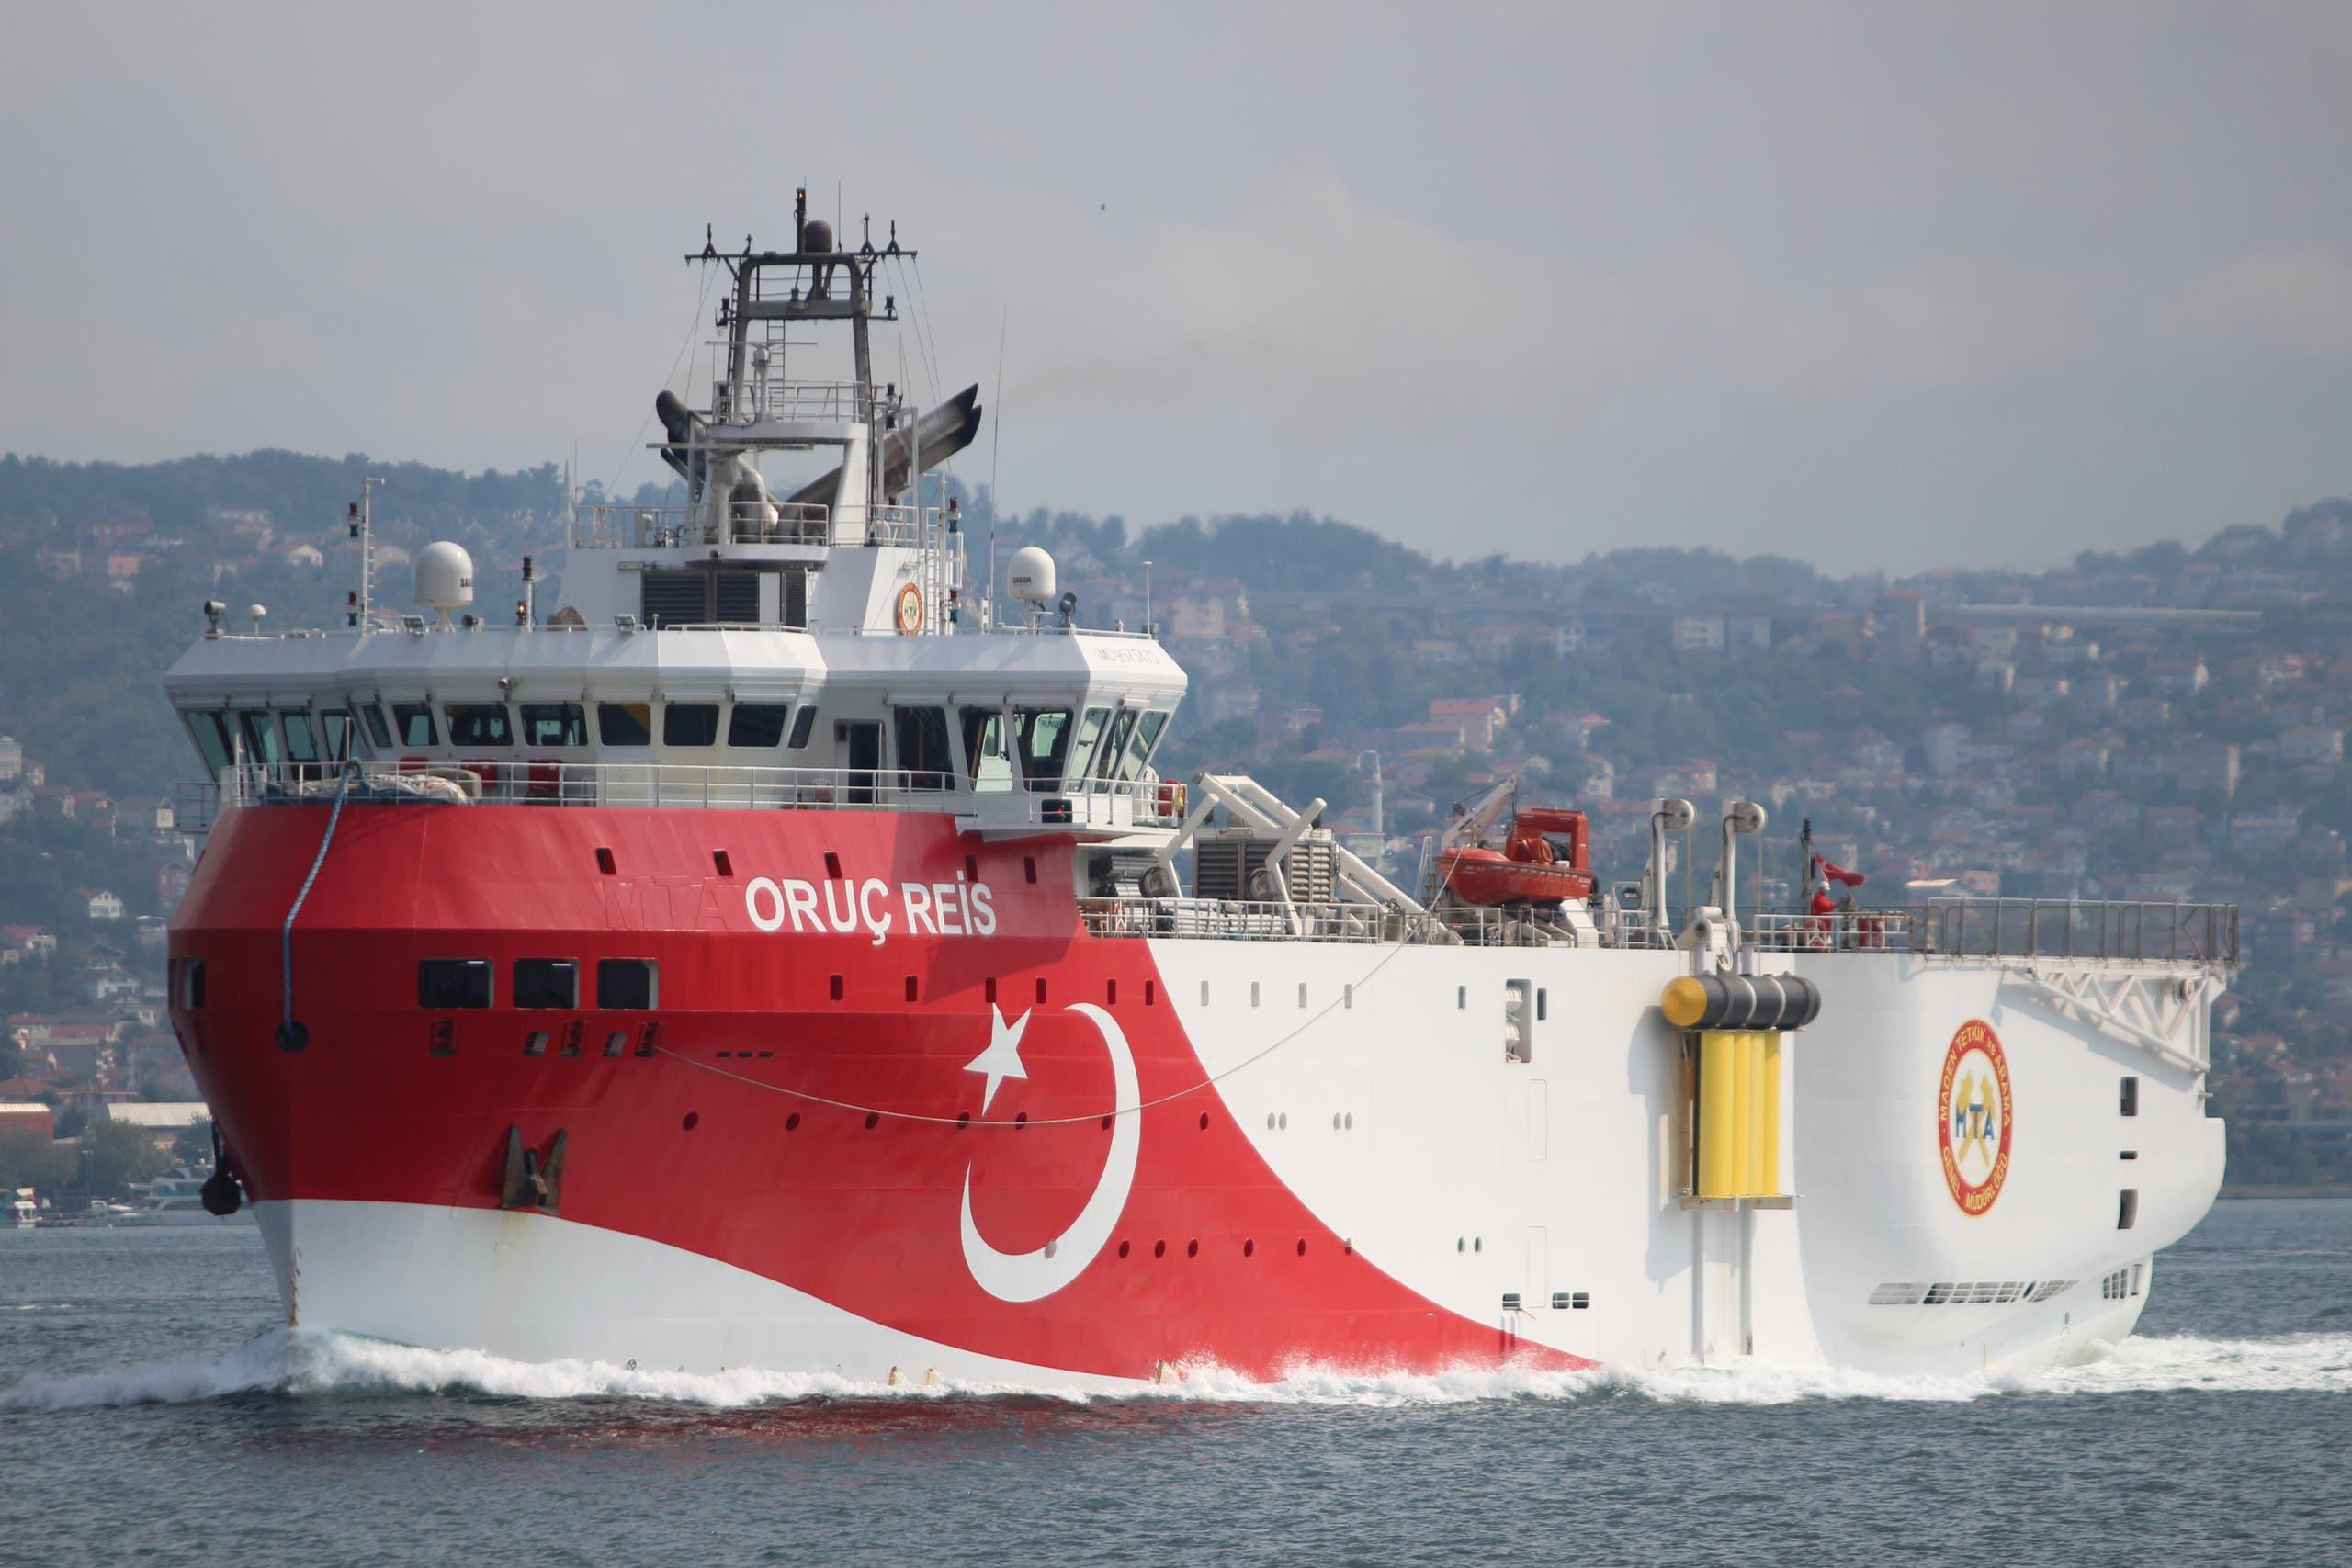 """سفينة """"عروج ريس"""" التركية التي كانت ستقوم بمسح مناطق بين اليونان وقبرص"""